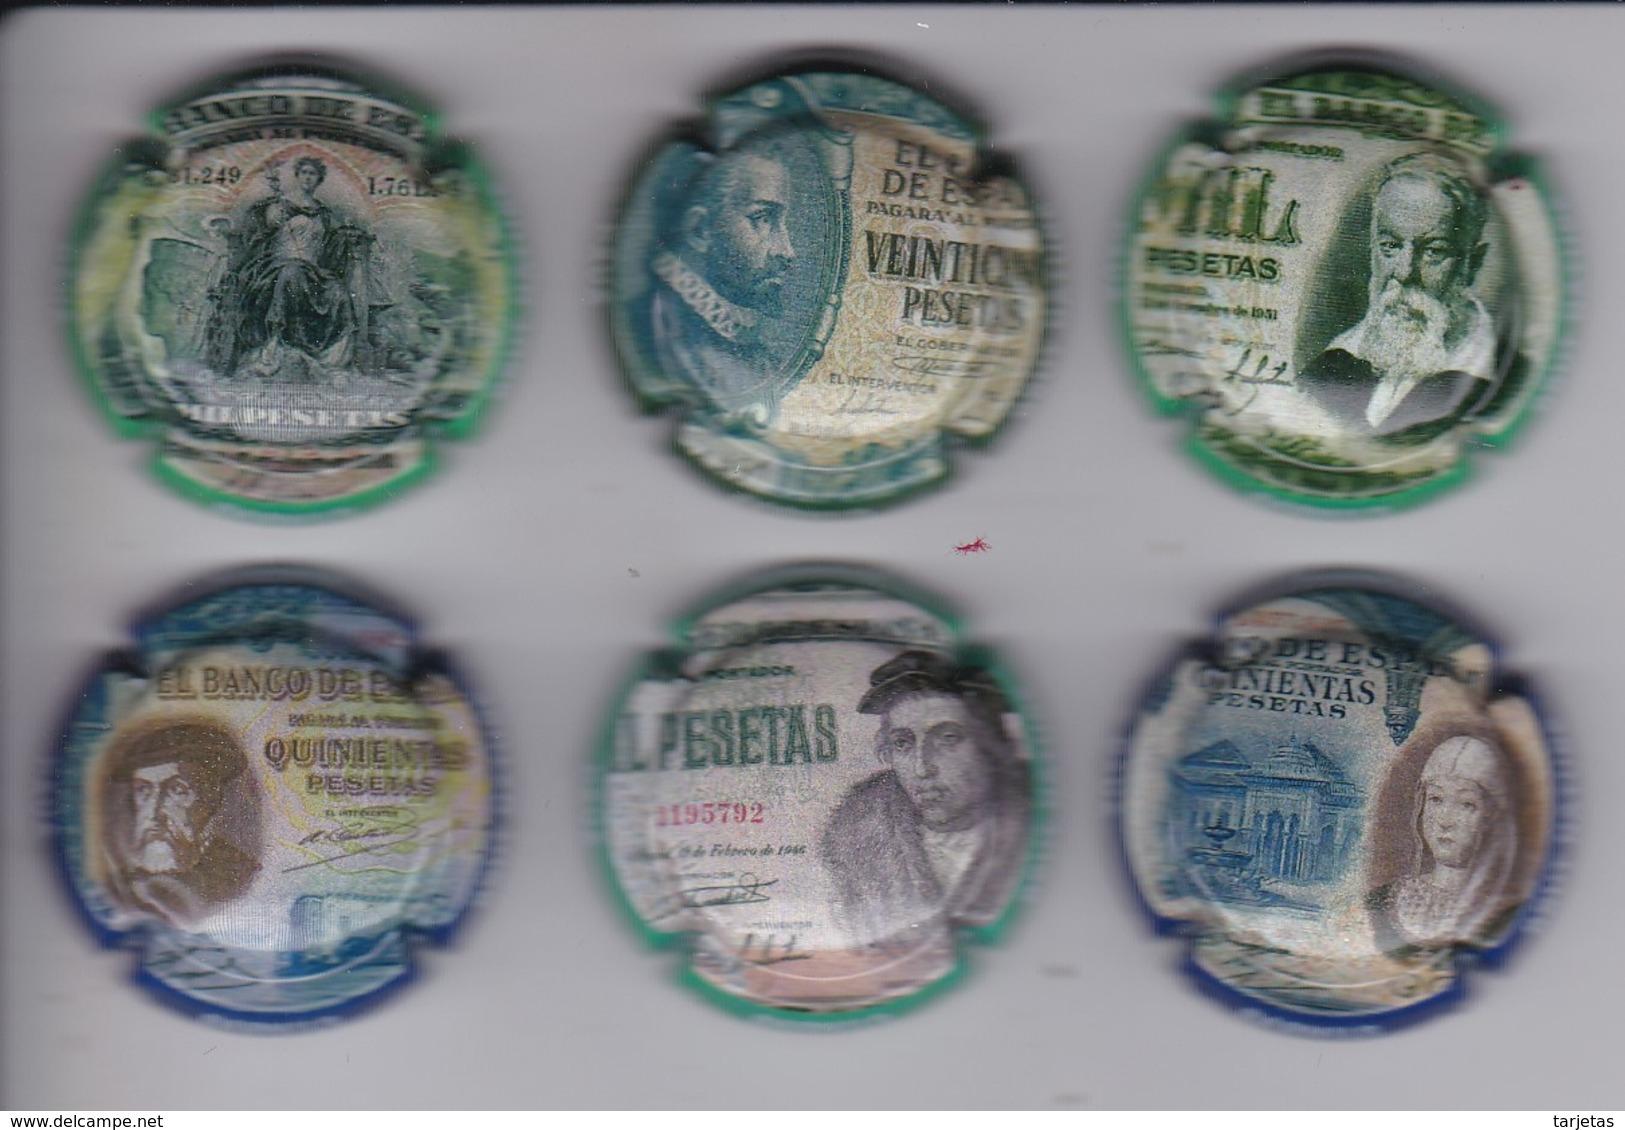 LOTE DE 6 PLACAS DE CAVA BARNILS DE BILLETES ESPAÑOLES (CAPSULE) PERSONAJES - BANKNOTE - Placas De Cava